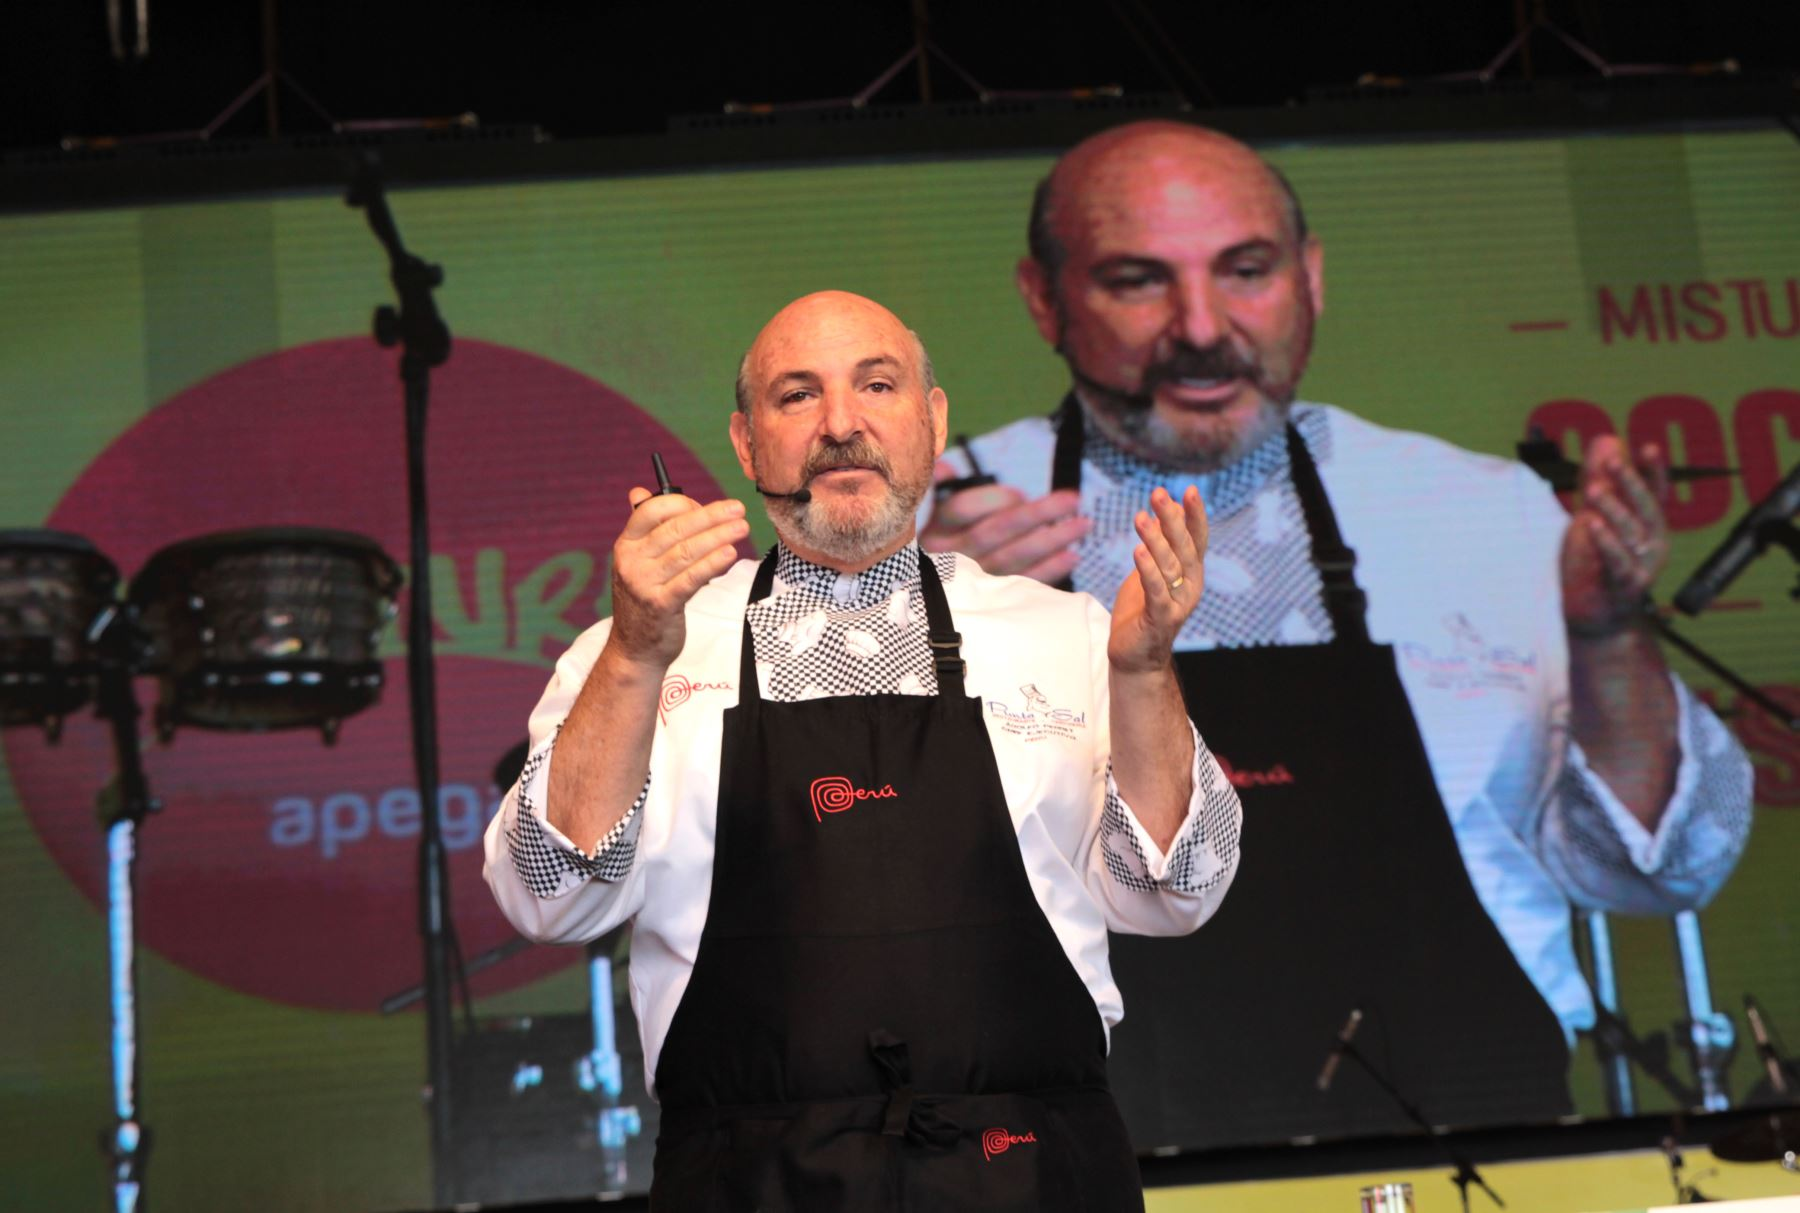 Adolfo Perret explica las porpiedades del Tarwi en la Feria Gastronomica Mistura 2016. Foto: ANDINA/ Dante Zegarra